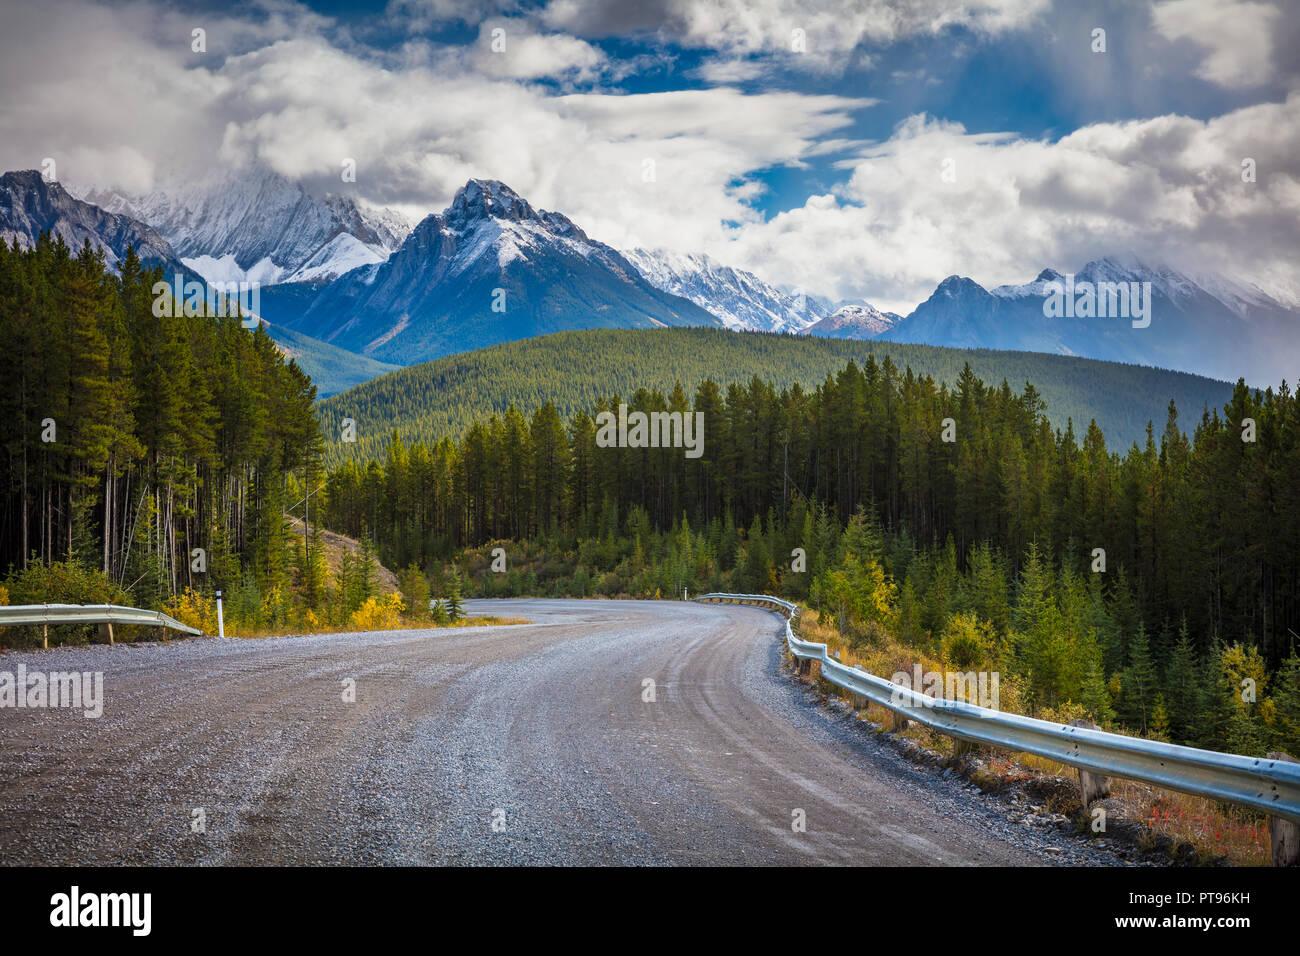 Kananaskis Country ist ein Park System im Westen von Calgary, Alberta, Kanada in den Ausläufern und die vorderen Bereiche der Kanadischen Rocky Mountains gelegen. Kanana Stockbild